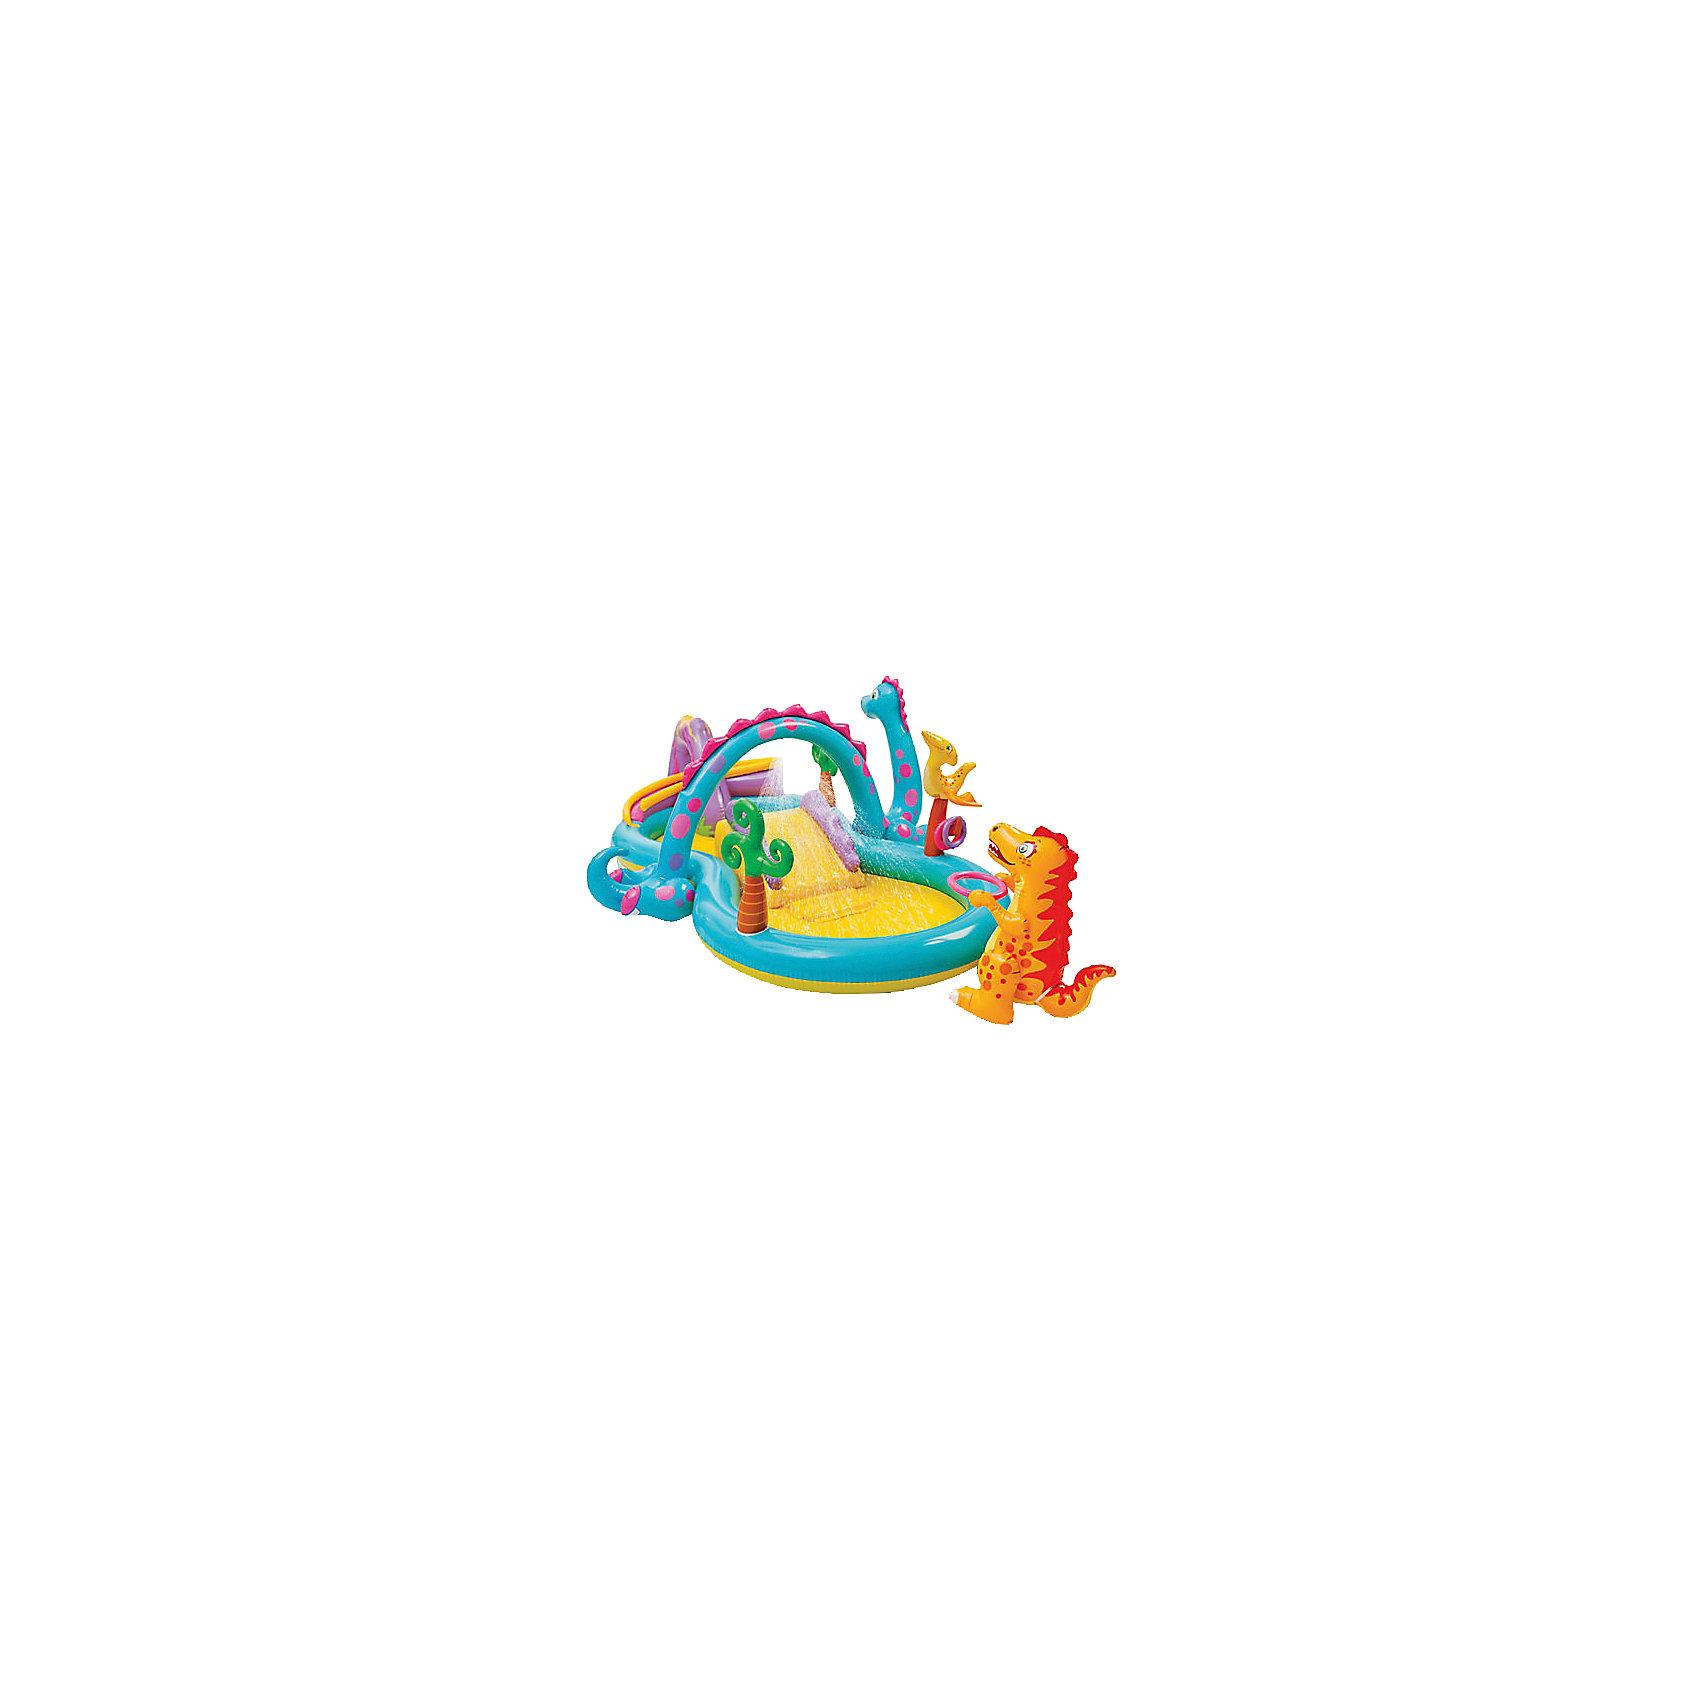 Детский игровой комплекс с бассейном Динолэнд, IntexБассейны<br>Детский игровой комплекс с бассейном Динолэнд, Intex (Интекс) – яркий комплекс отличное решение для отдыха ваших деток в летнее время.<br>Игровой комплекс Динолэнд от компании Intex (Интекс) — это самый настоящий бассейн-аквапарк на вашем дачном участке. Комплекс представляет мягкую, и безопасную конструкцию. Он оснащен надувной горкой, по которой очень весело съезжать прямо в бассейн. Для комфорта и безопасности приземления имеется надувная подушечка у основания горки. В жаркий летний день очень пригодится фонтанчик-душ, подключающийся через садовый шланг! В комплекте разноцветные мягкие надувные мячики и кольца. Имеется надувной желоб, по которому мячики скатываются в бассейн и красочная фигурка тираннозавра, ожидающая бросок в кольцо. Комплекс декорирован надувными деревьями и фигурками животных, от которых так и веет тропиками. Для того, чтобы накачать игровой центр, вам потребуется всего две минуты. Бассейн сделан из 2 независимых воздушных отсеков, каждый имеет двойной клапан для накачивания и предохраняющий клапан от чрезмерно высокого давления. Для слива воды предусмотрен удобный сливной клапан. Изготовлен из прочного винила.<br><br>Дополнительная информация:<br><br>- Для детей от 3 лет<br>- Комплектация: игровой комплекс, 6 мячей диаметром 8 см., 3 кольца, фигурка тираннозавра с кольцом<br>- Размер: 333 х 229 х 112 см.<br>- Глубина: 15 см.<br>- Объем: 280 л.<br>- Материал: прочный ПВХ (винил)<br>- Размер упаковки: 16 х 40 х 51 см.<br>- Вес: 8,5 кг.<br><br>Детский игровой комплекс с бассейном Динолэнд, Intex (Интекс) можно купить в нашем интернет-магазине.<br><br>Ширина мм: 520<br>Глубина мм: 406<br>Высота мм: 159<br>Вес г: 7703<br>Возраст от месяцев: 24<br>Возраст до месяцев: 72<br>Пол: Унисекс<br>Возраст: Детский<br>SKU: 3340382